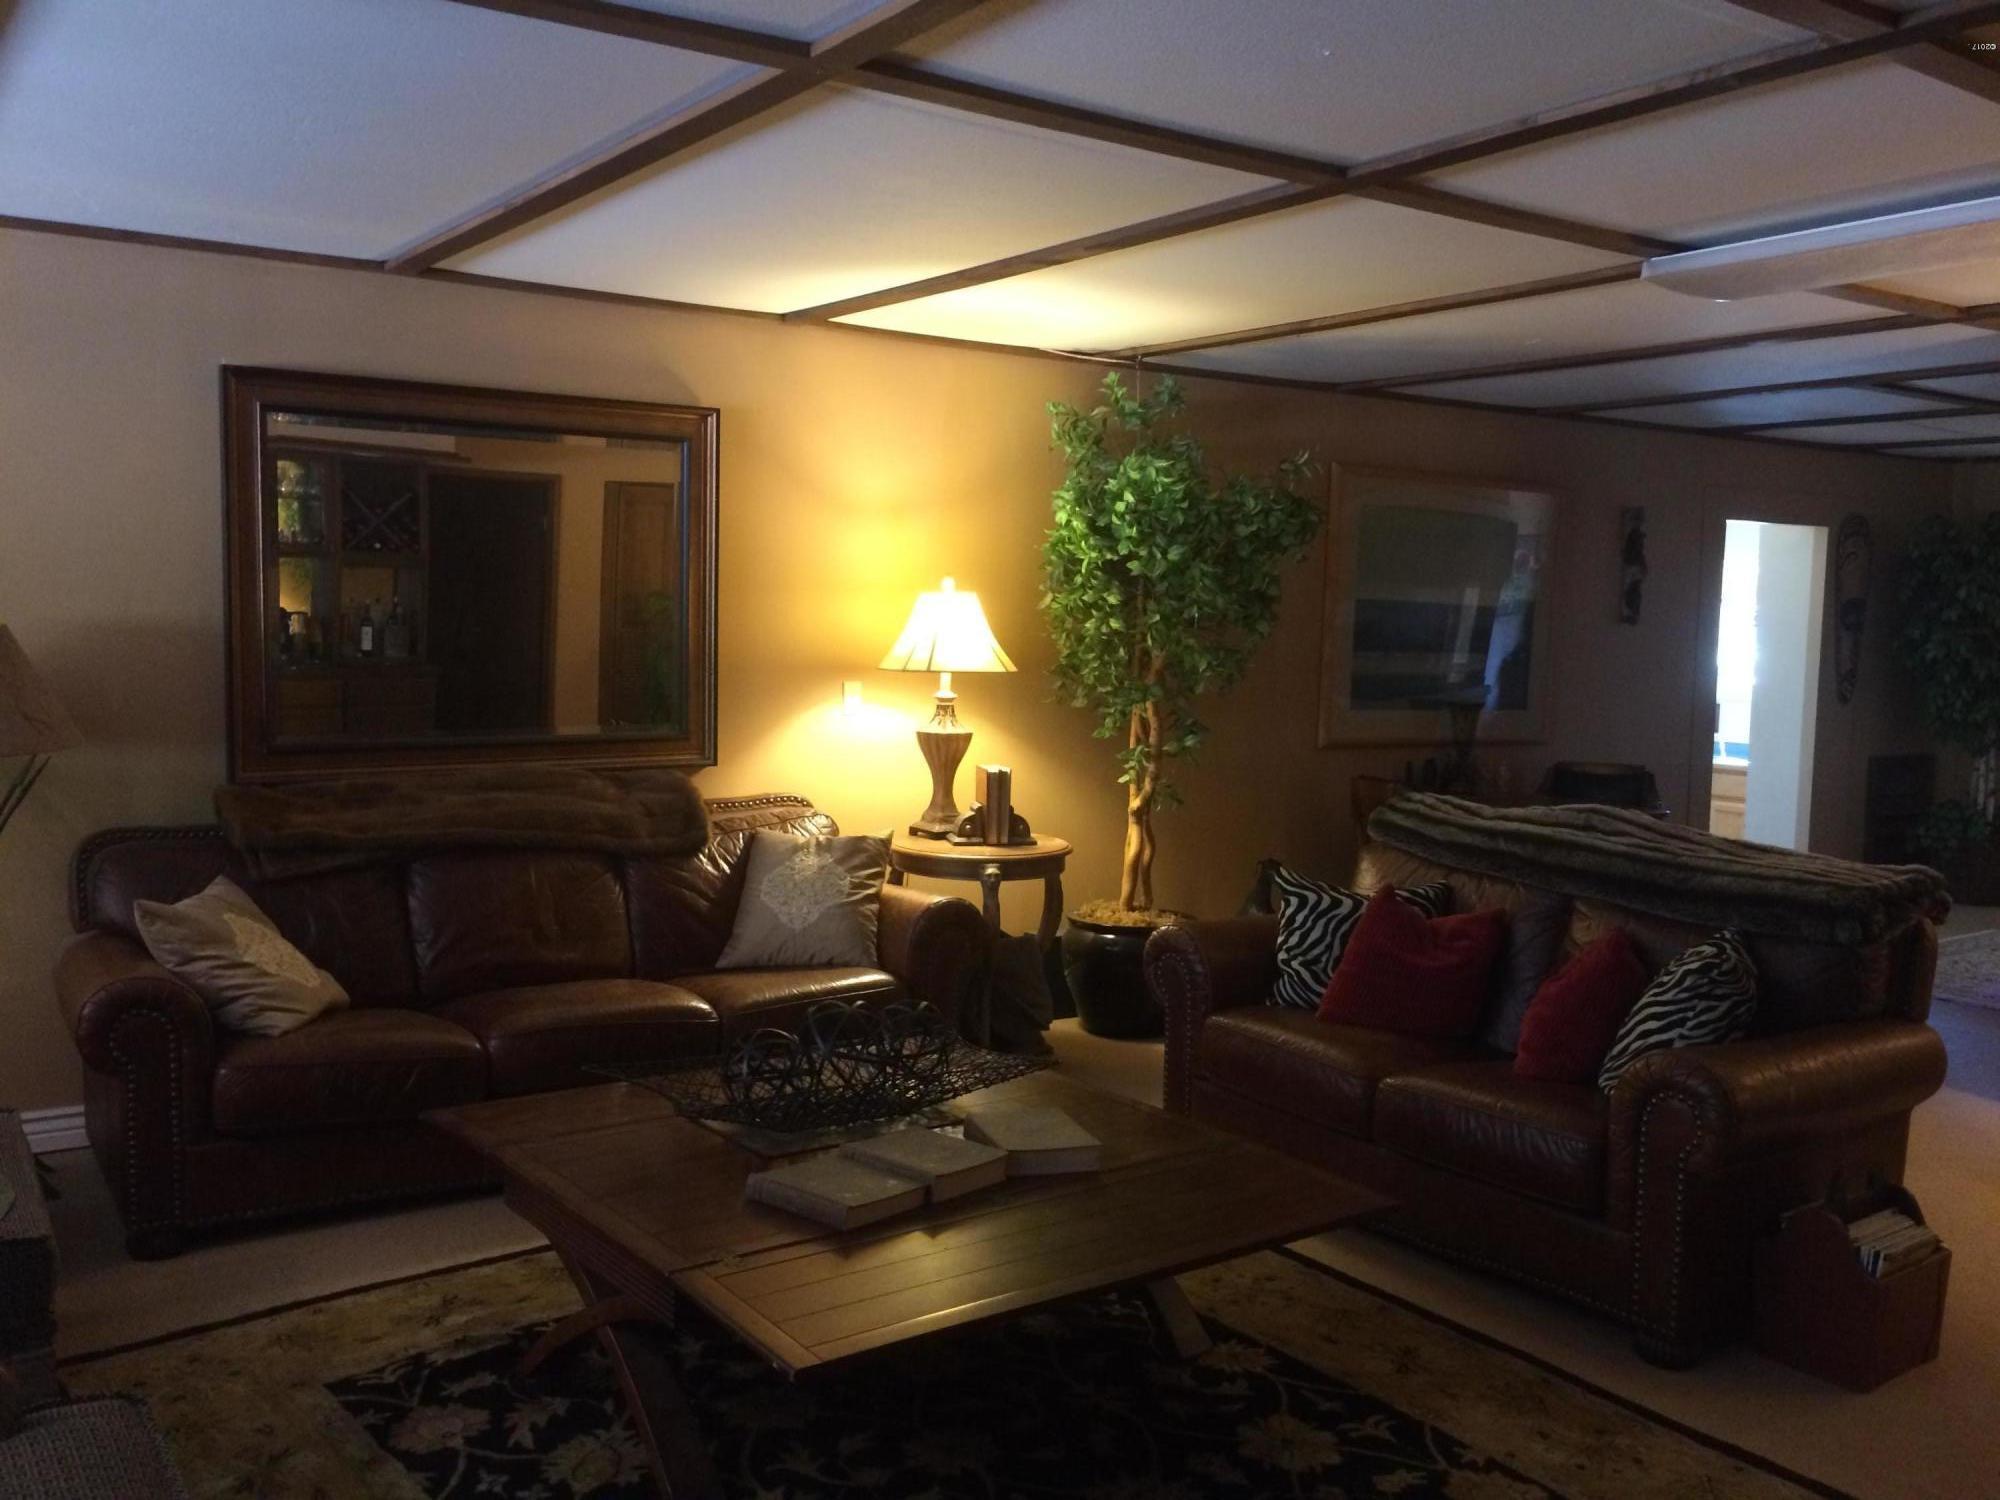 Additional photo for property listing at 2992 Woodland Avenue 2992 Woodland Avenue Missoula, Montana 59802 United States